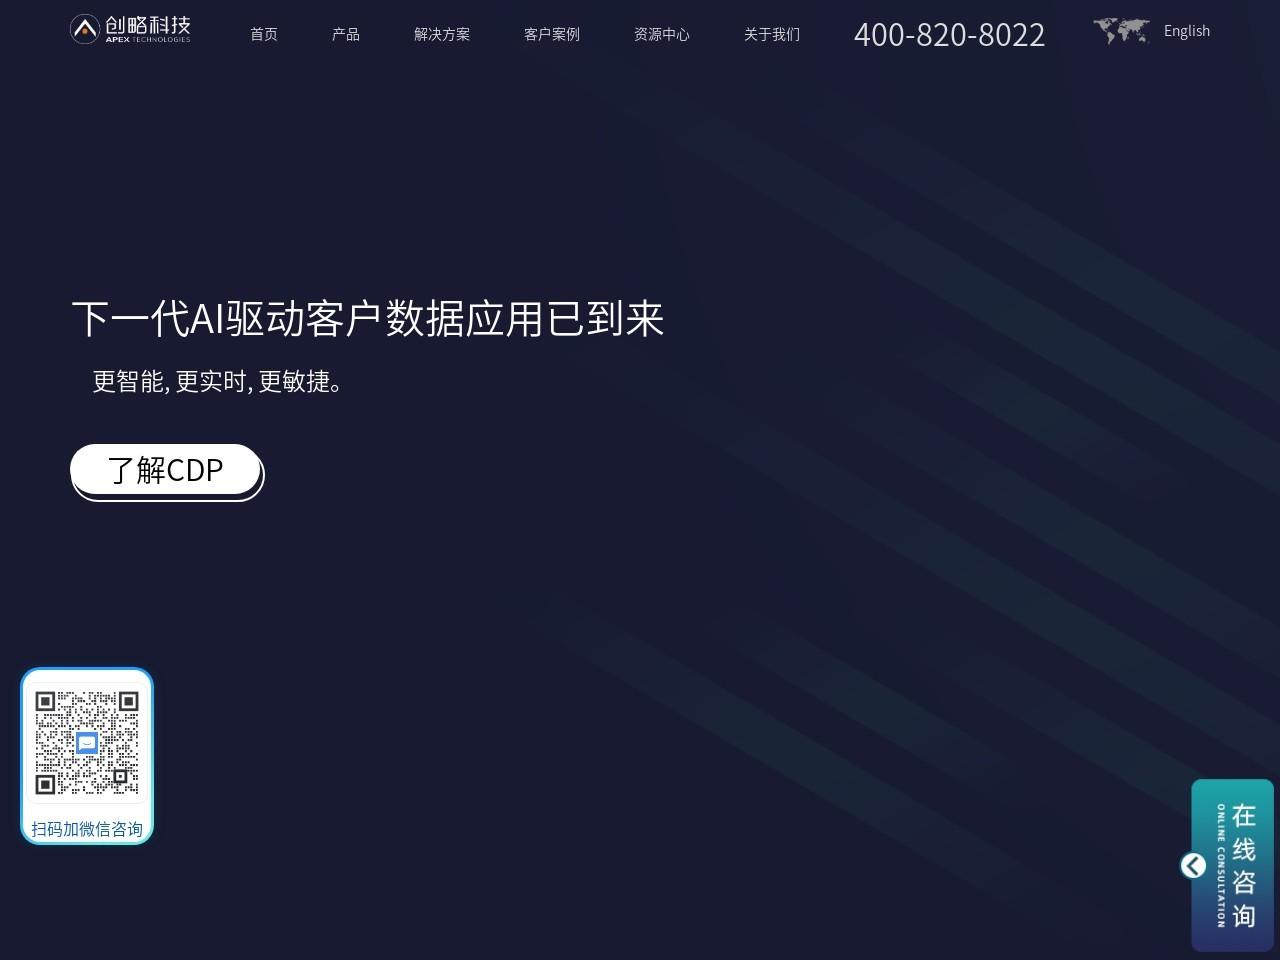 创略中国RTB广告平台